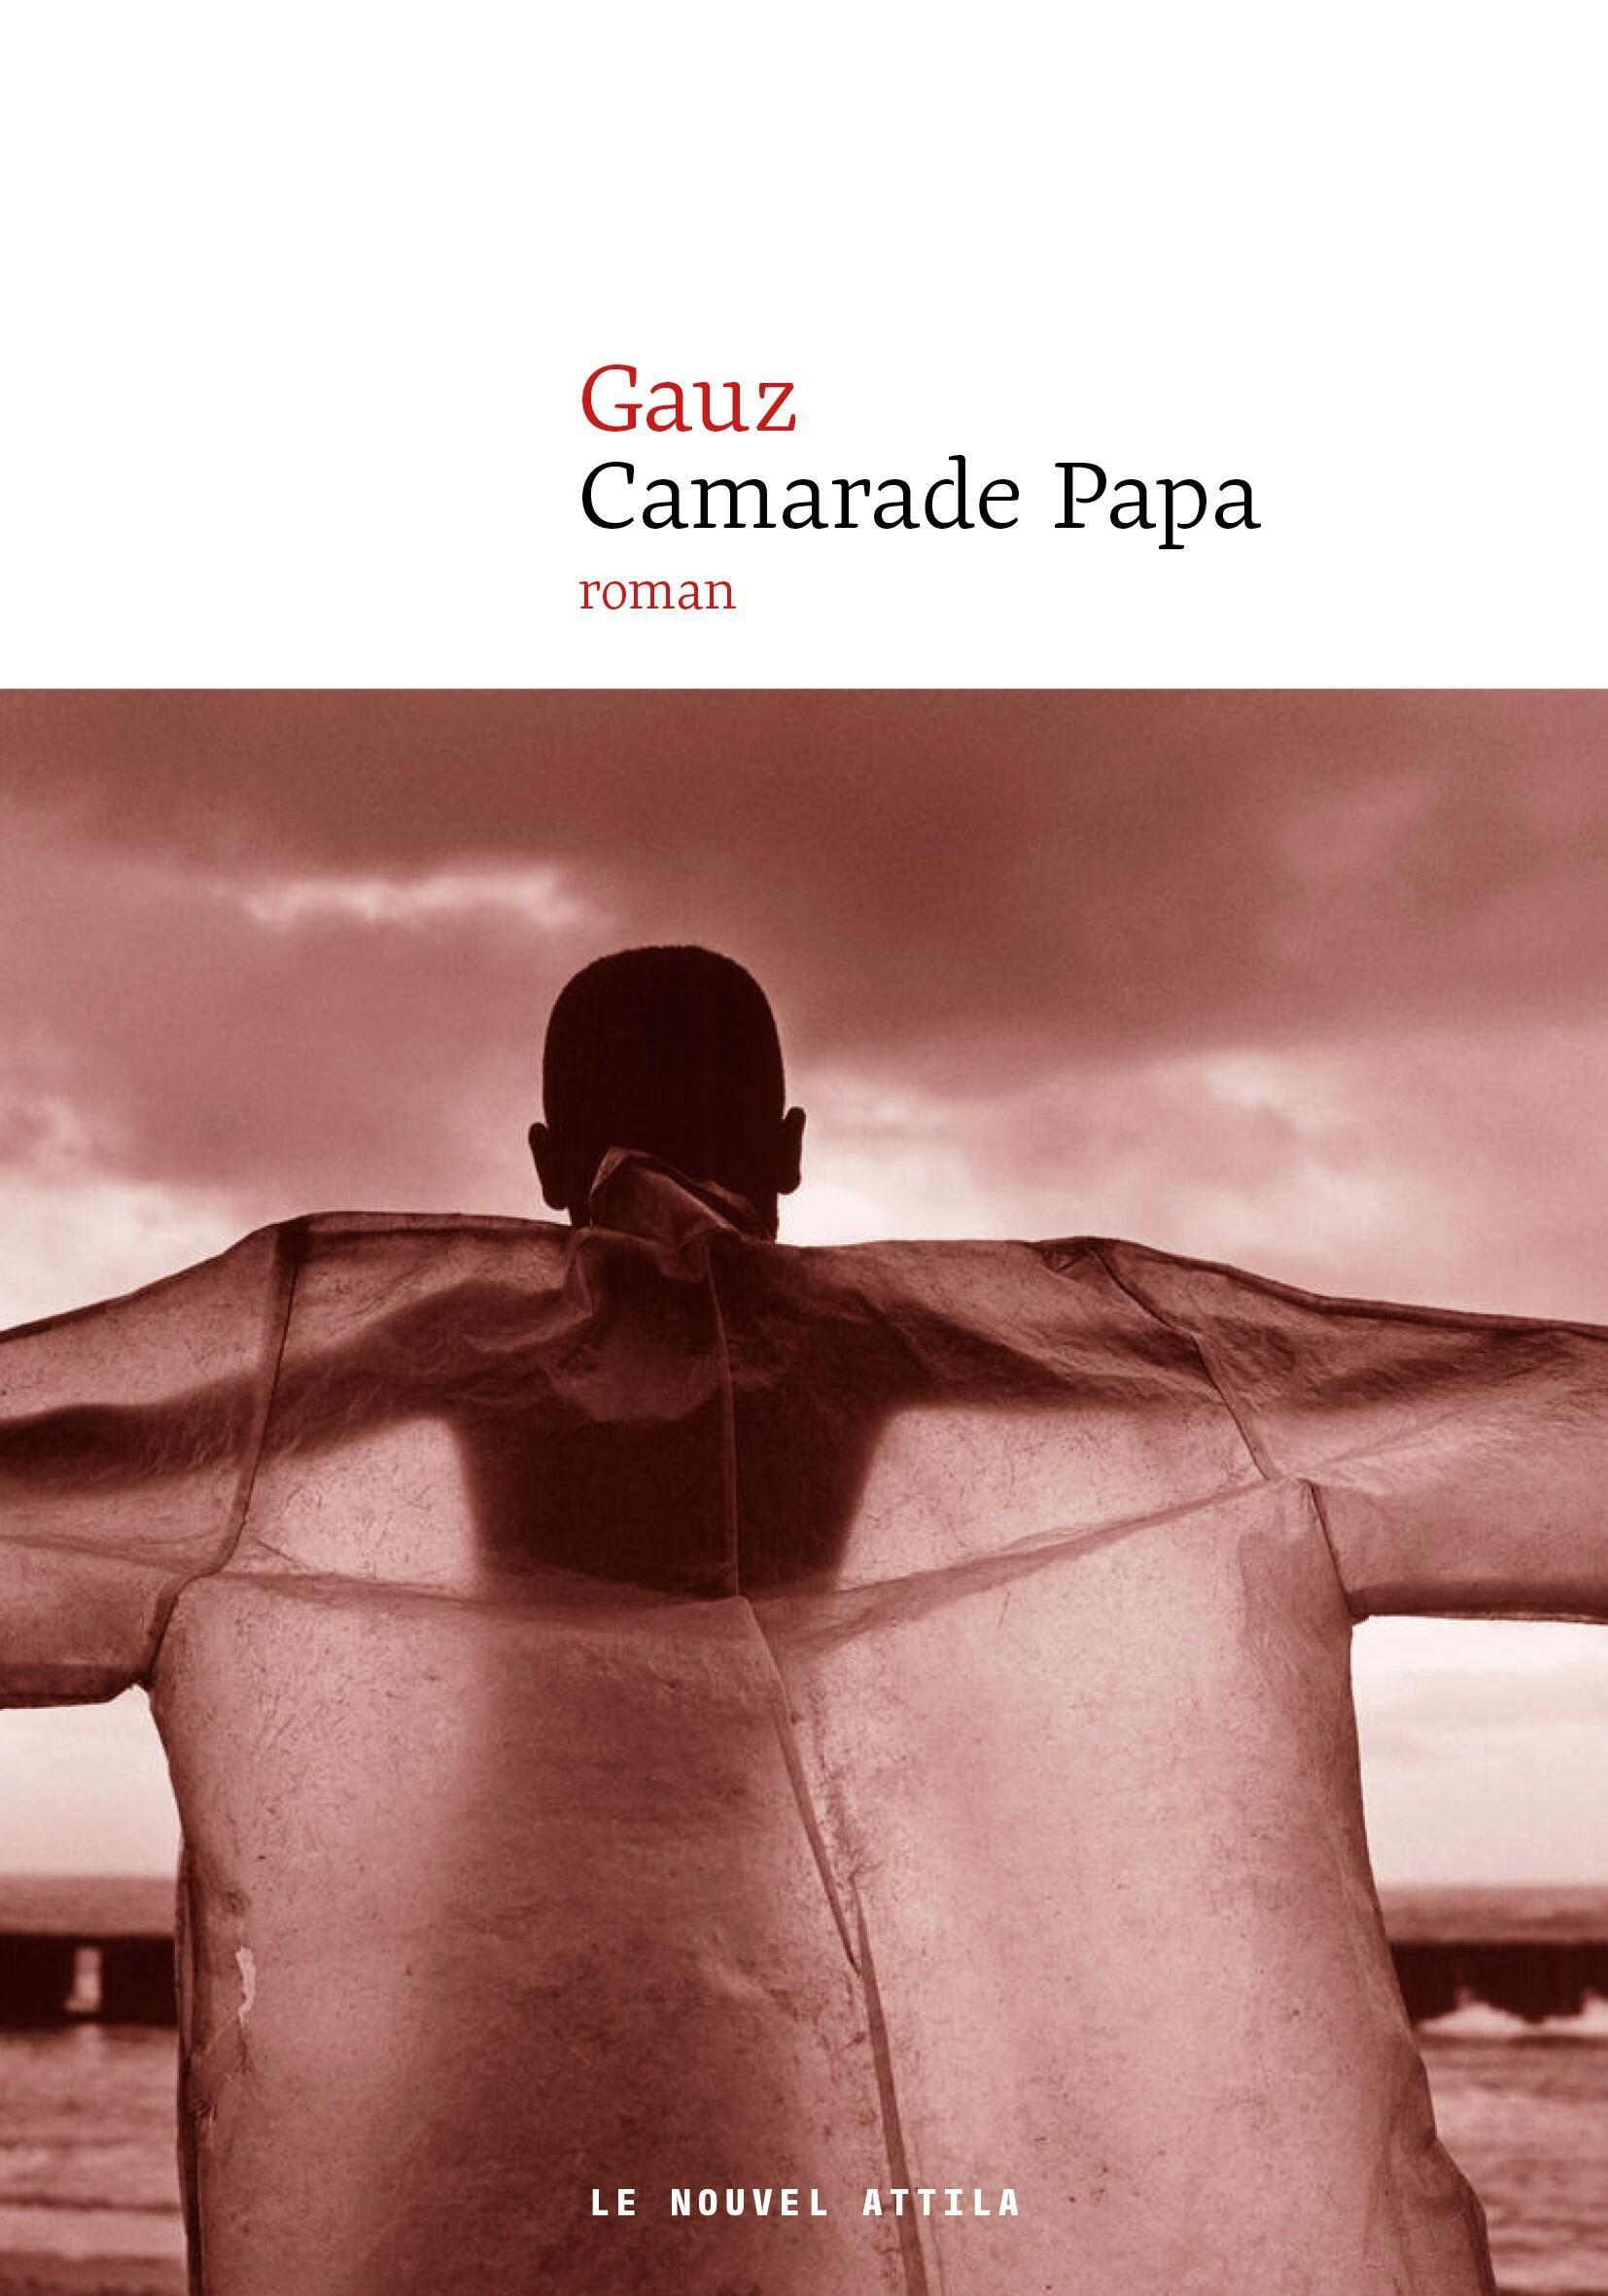 « Camarade Papa» de l'Ivoirien Gauz est l'un des romans les plus attendus de la rentrée littéraire 2018.